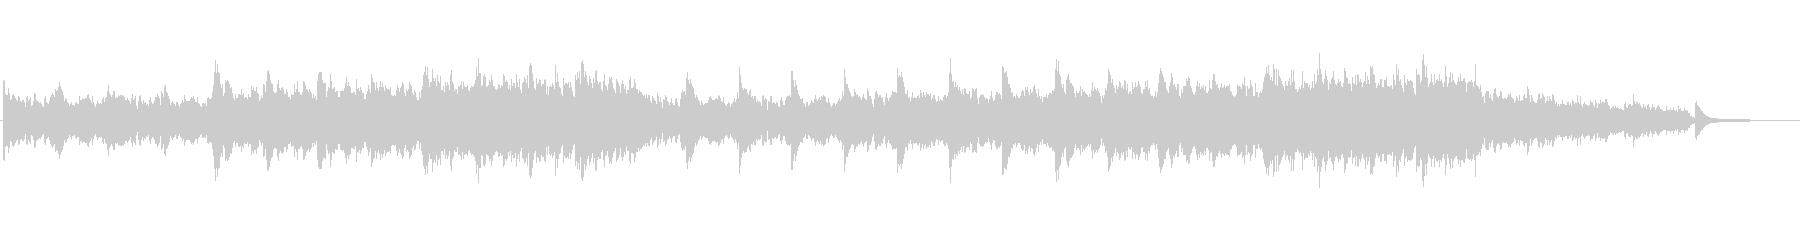 ピアノ・アンビエント(ドラムなし)の未再生の波形